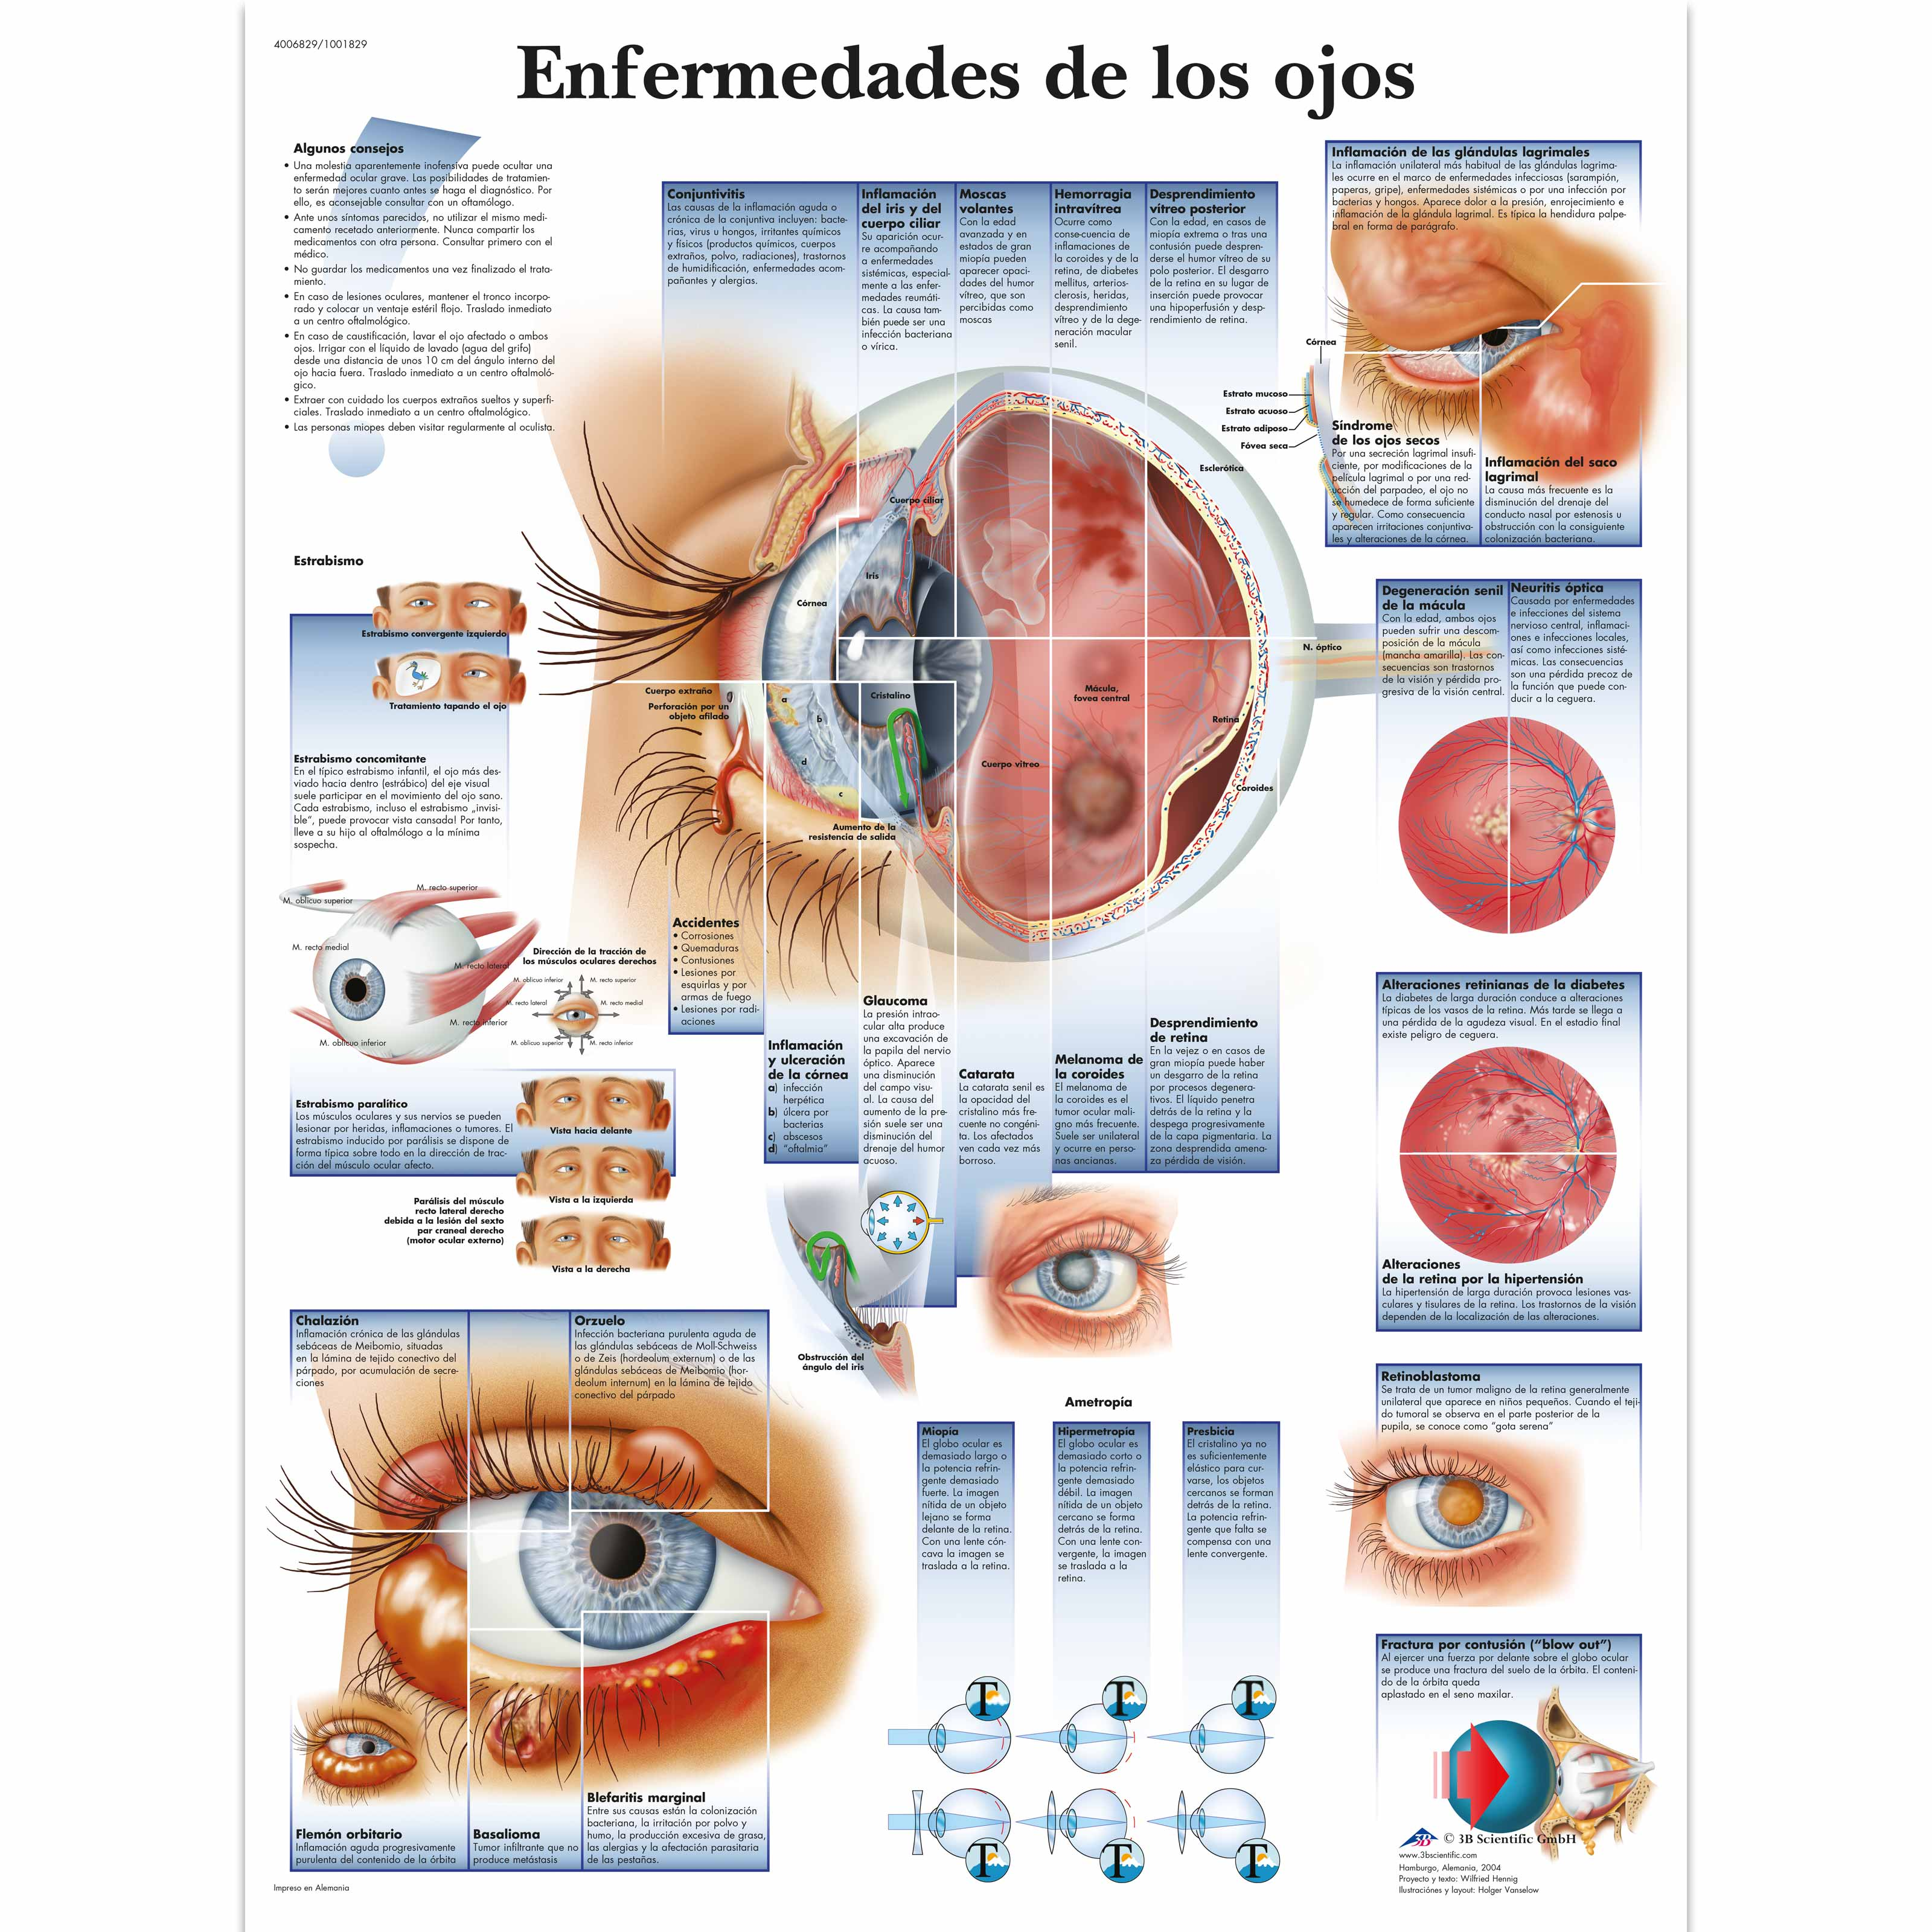 Enfermedades de los ojos - VR3231L - Ophthalmology - 3B Scientific: https://www.3bscientific.com/enfermedades-de-los-ojos,p_1382_3000.html